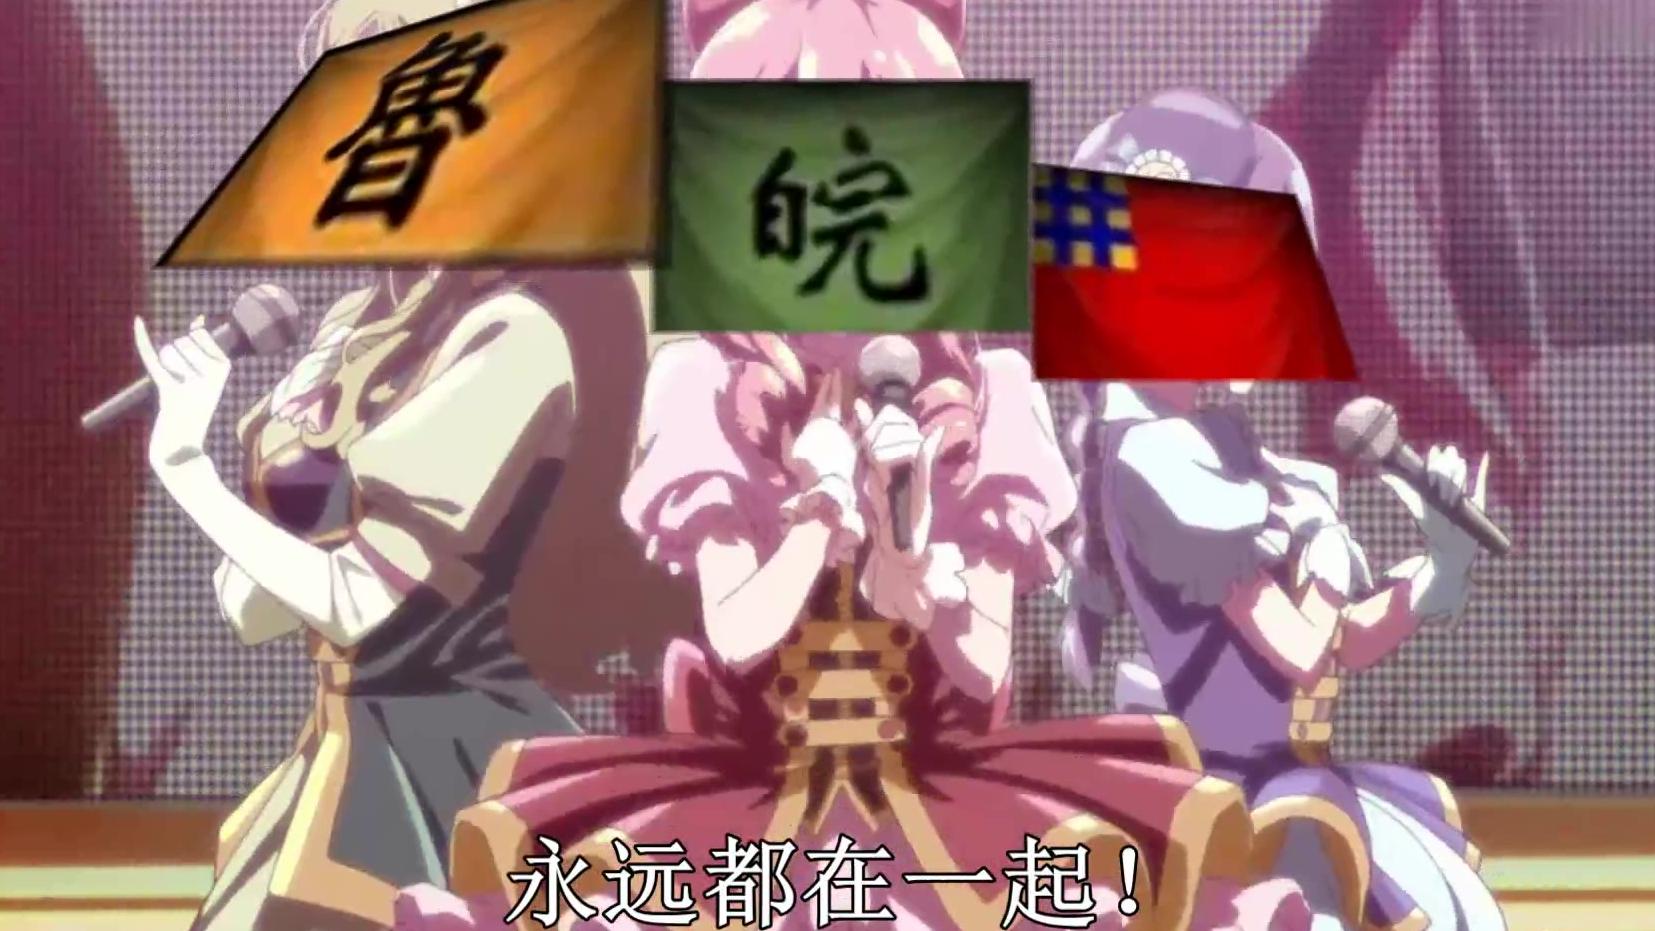 【钢铁雄心4KR】五色坠落八省